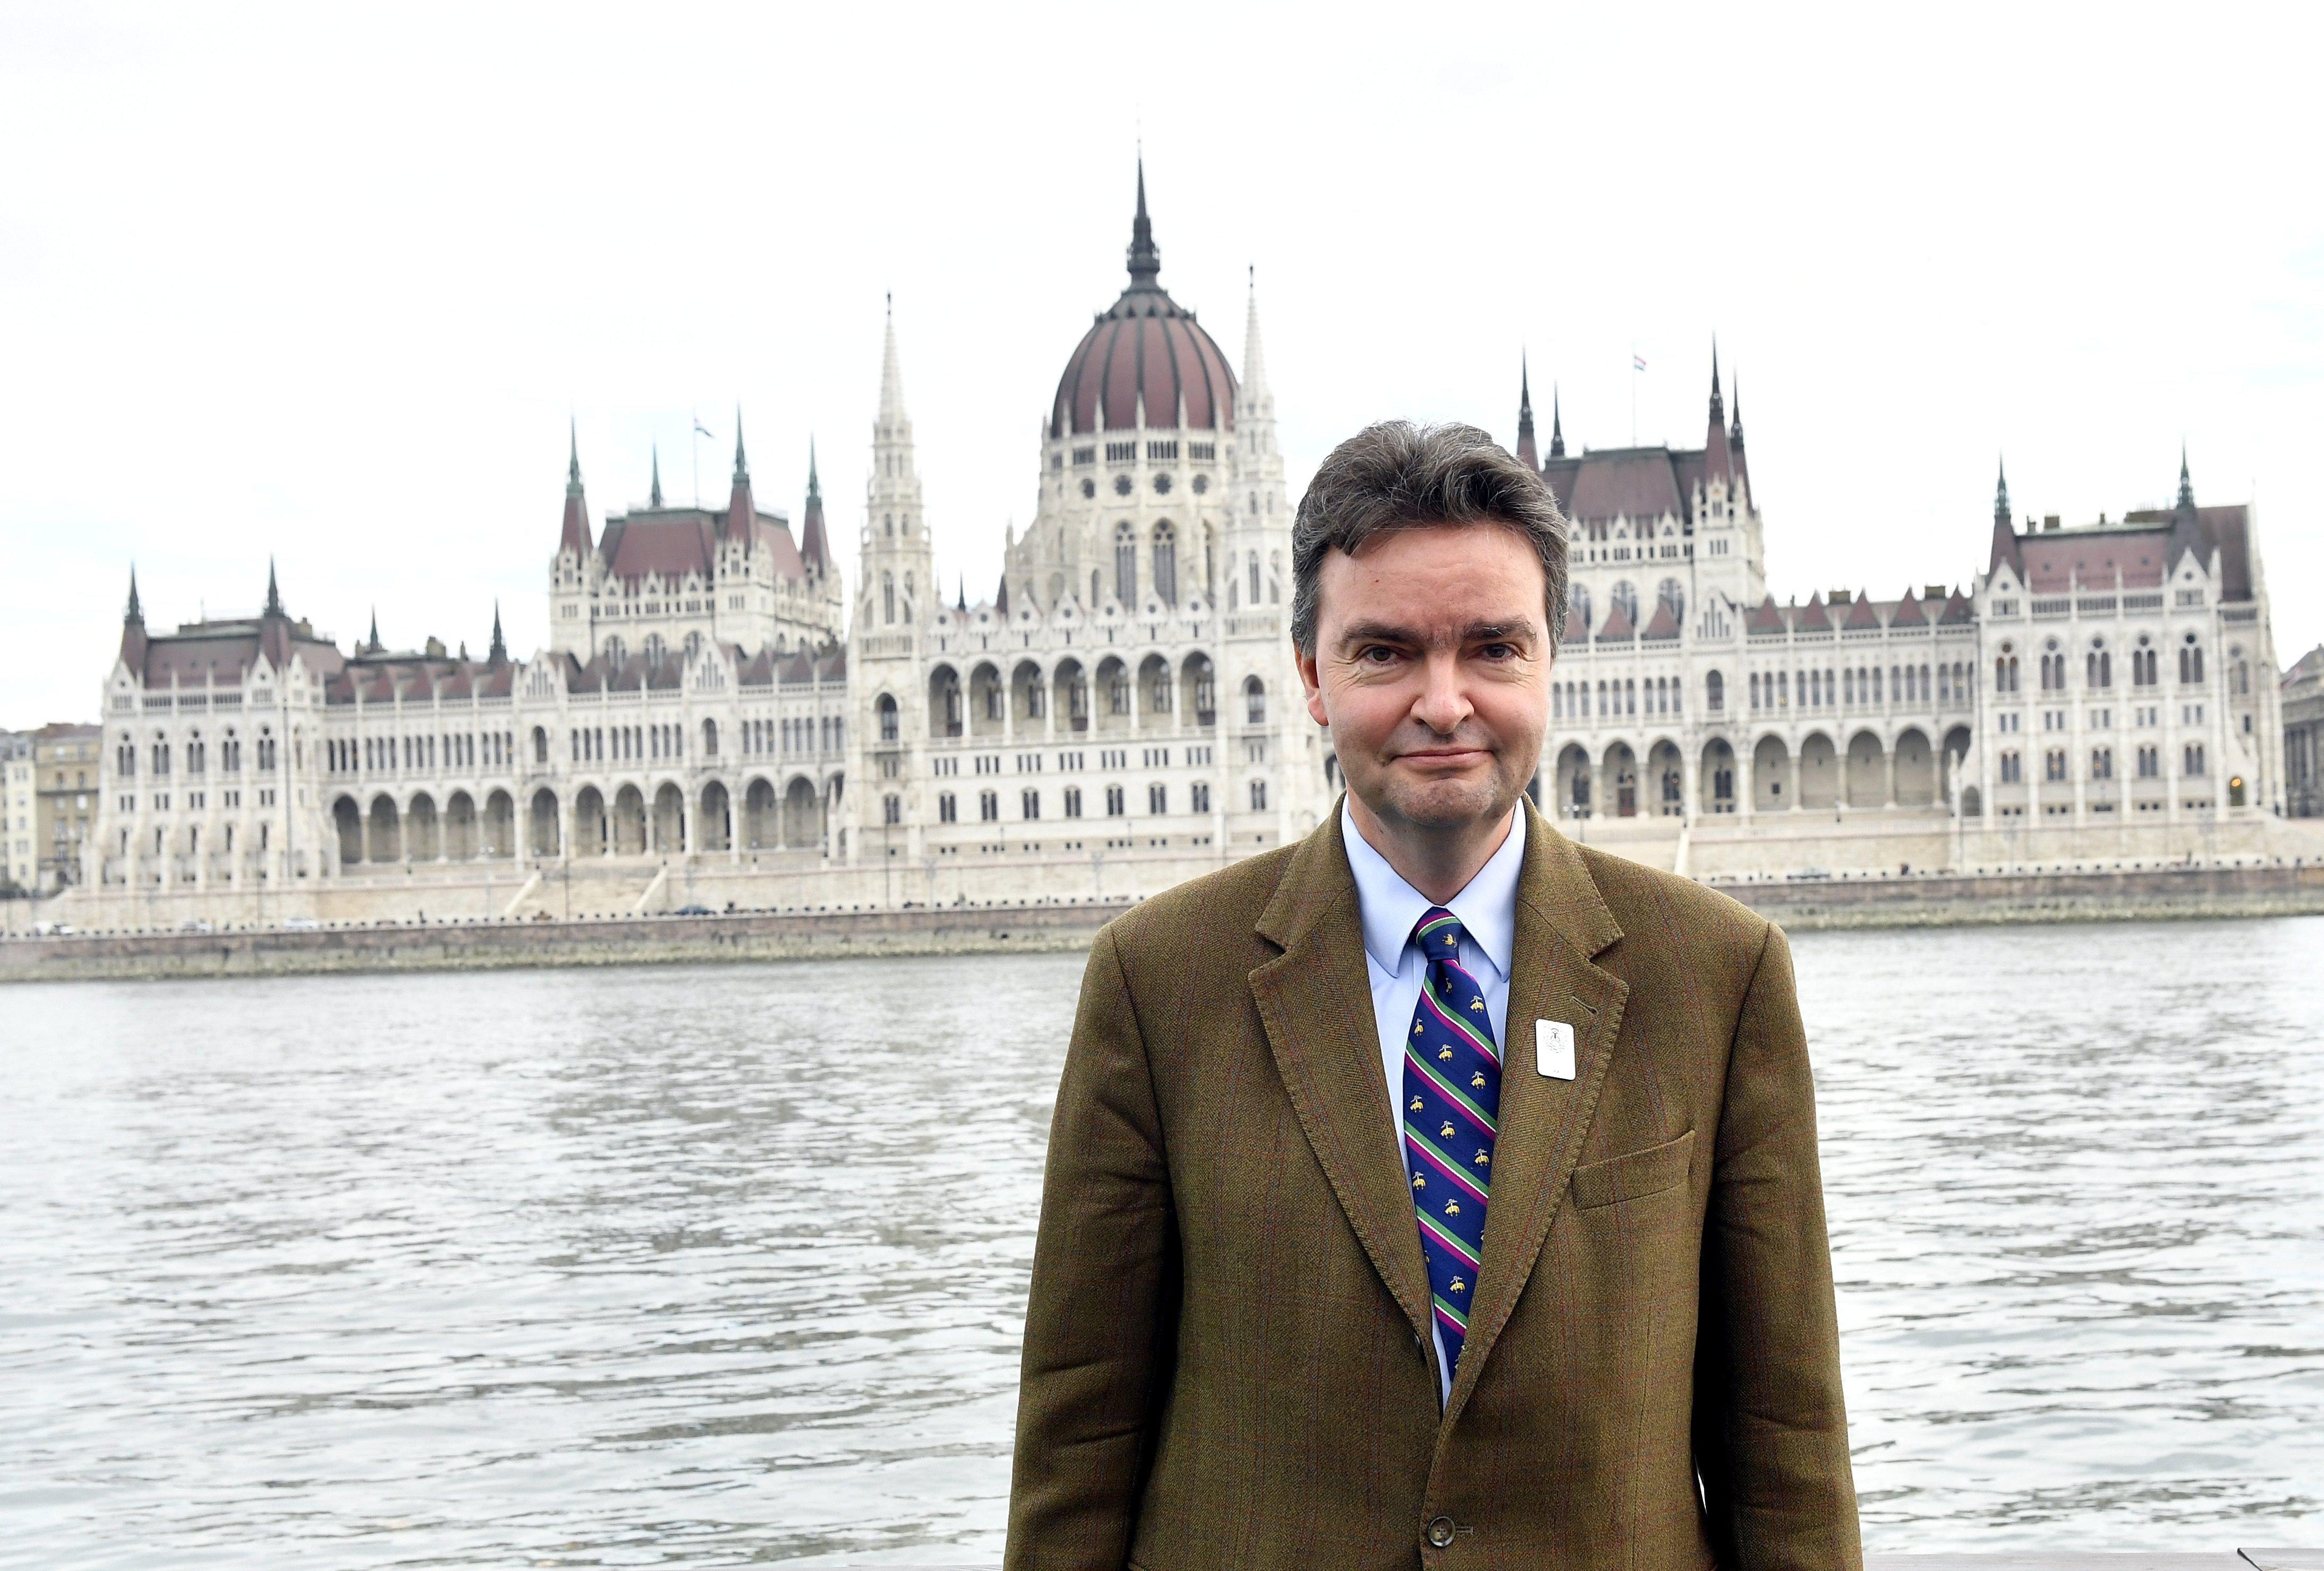 György Habsburg über Ungarn: Persönliche Erfahrungen widersprechen oft dem, was ausländische Medien schreiben